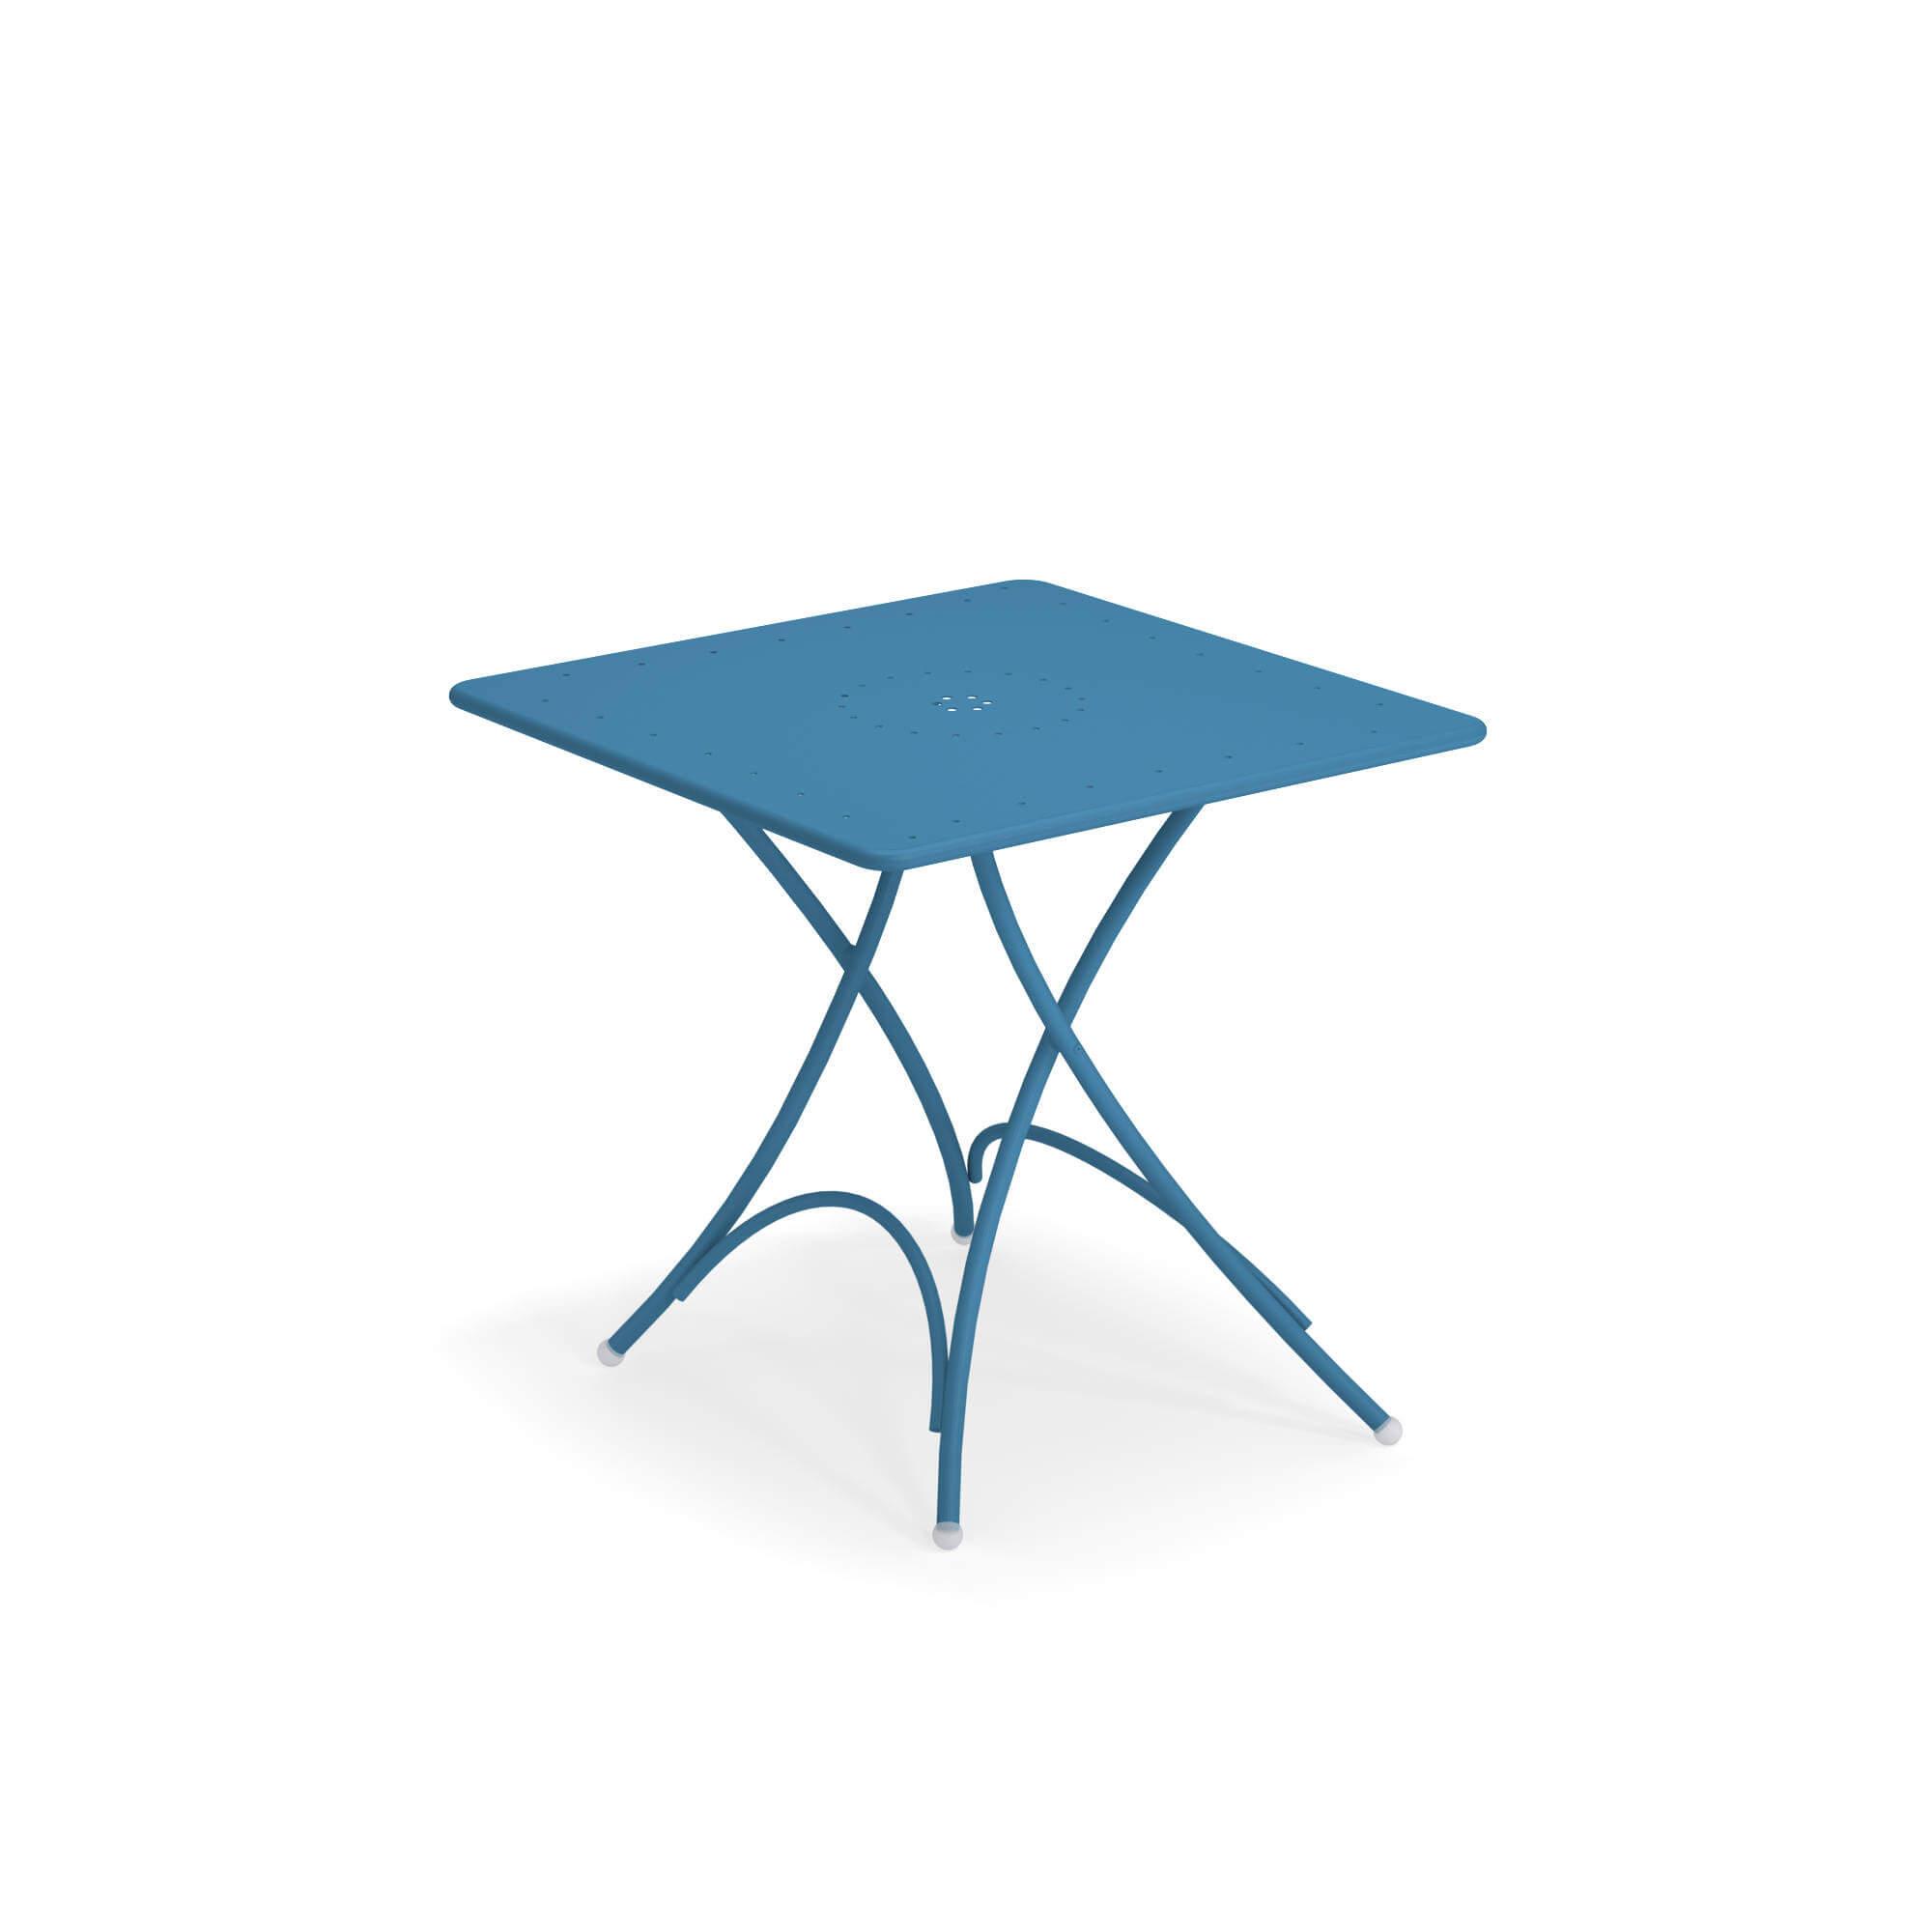 promo tavolo pigalle azzurro di emu